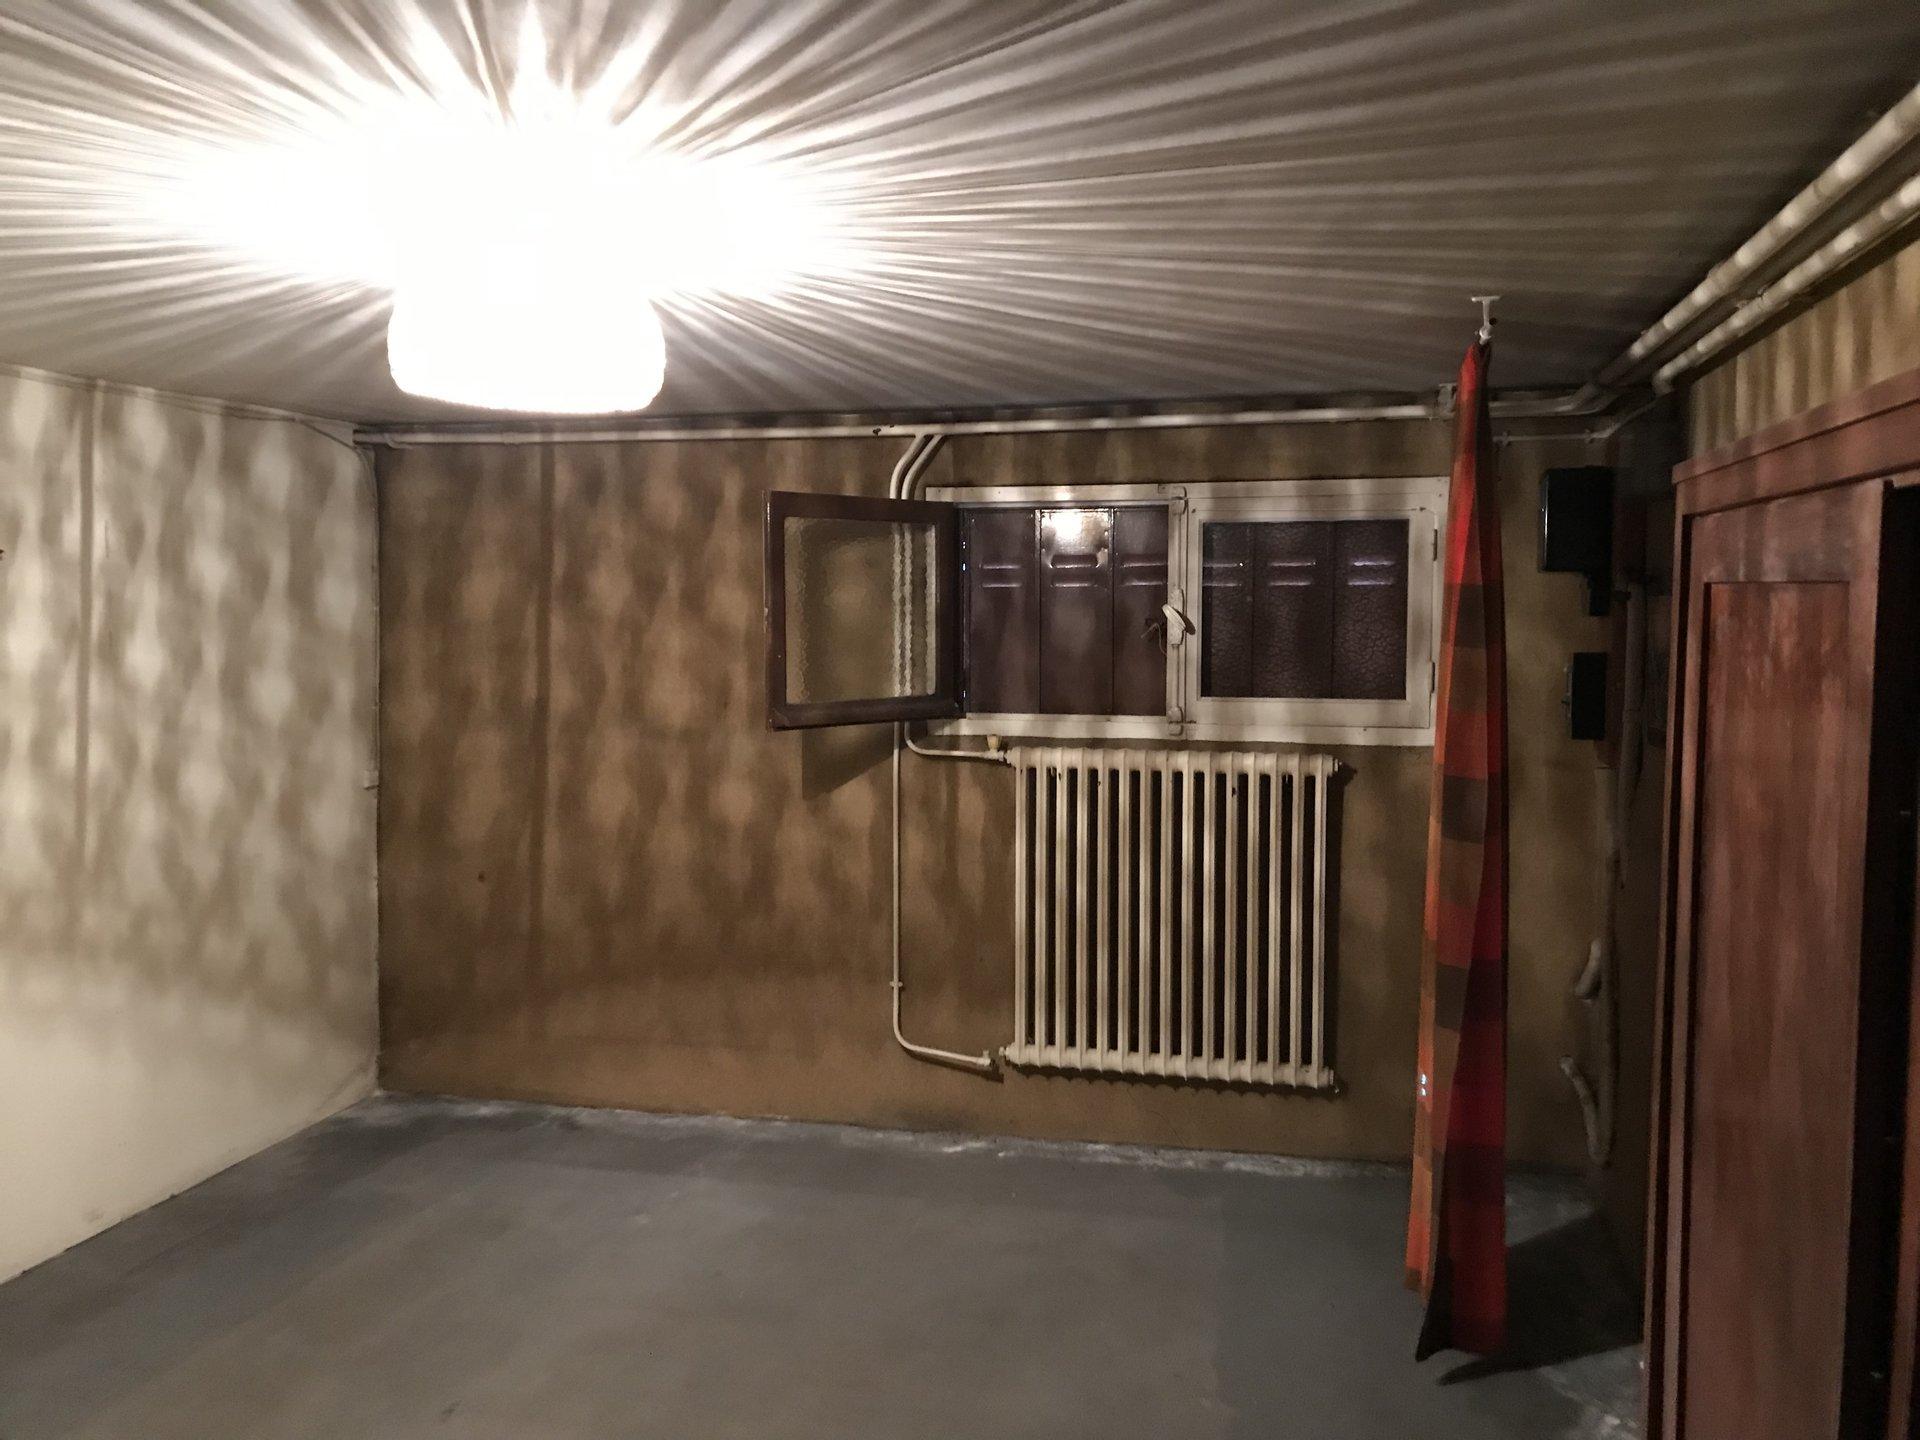 Vichy, 5mn du centre au calme jolie Maison (5 pièces 115m²) Gge, jrd